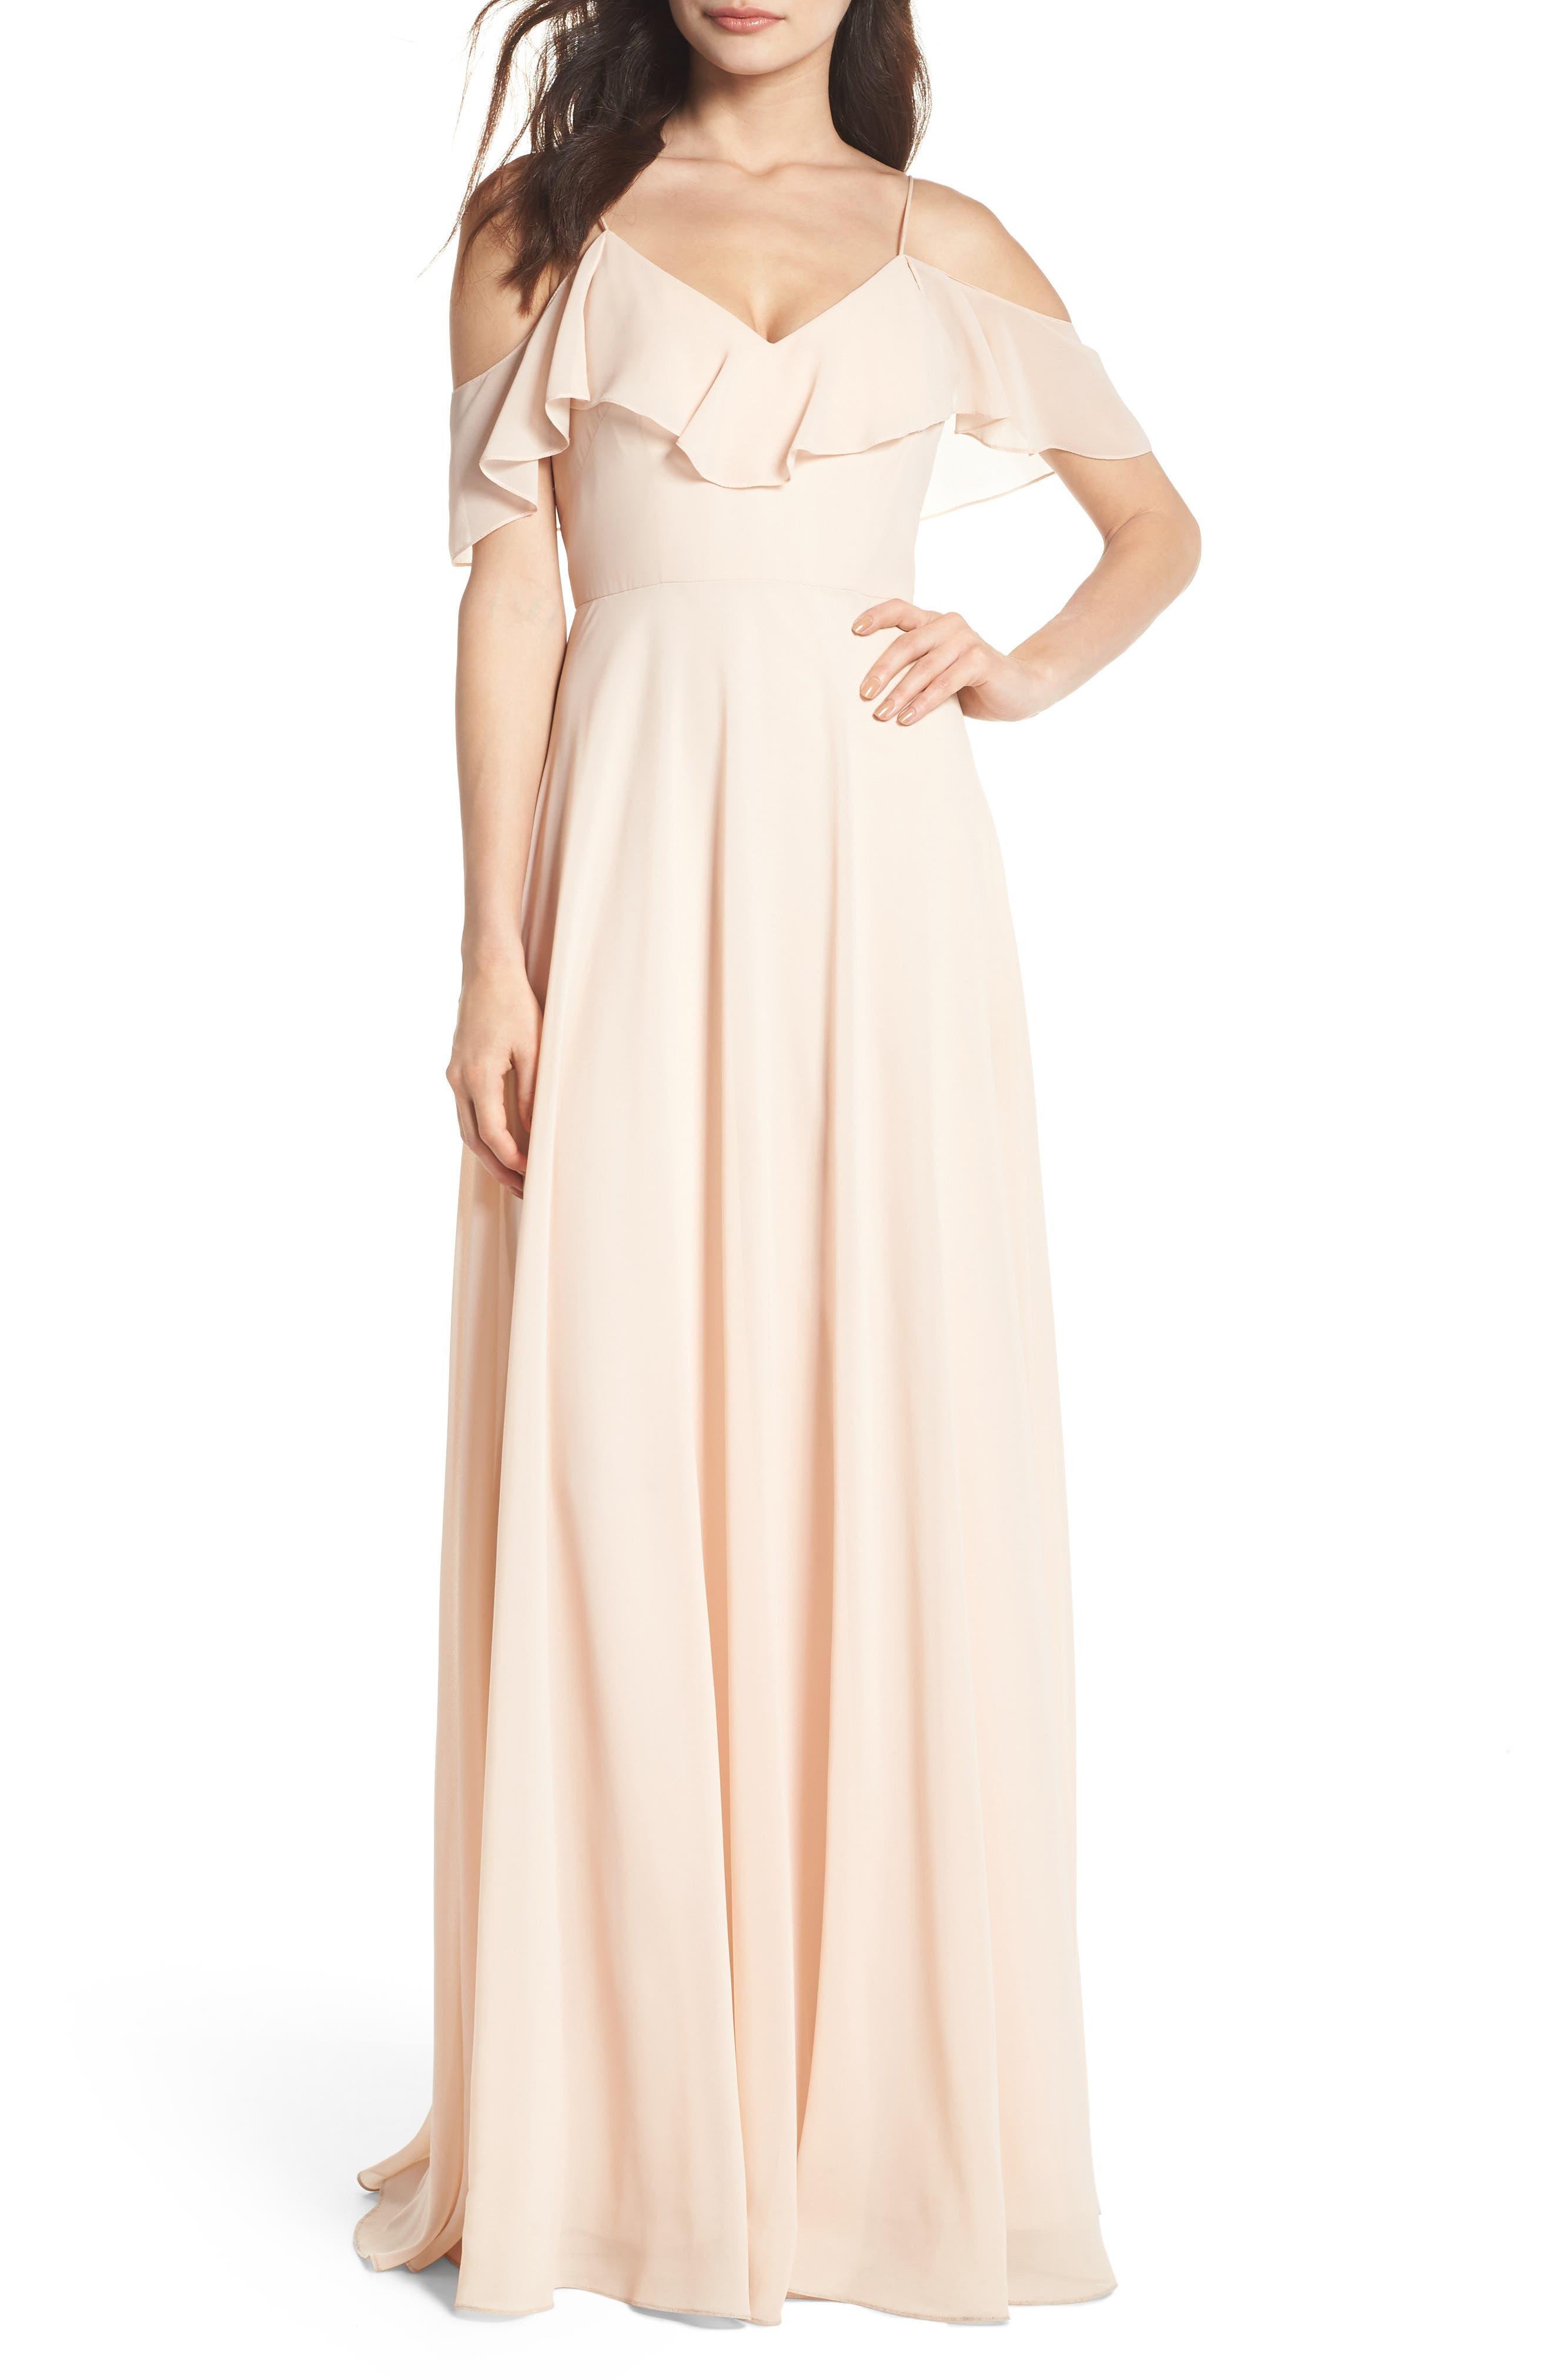 Jenny Yoo Bridesmaid Dresses at Nordstrom